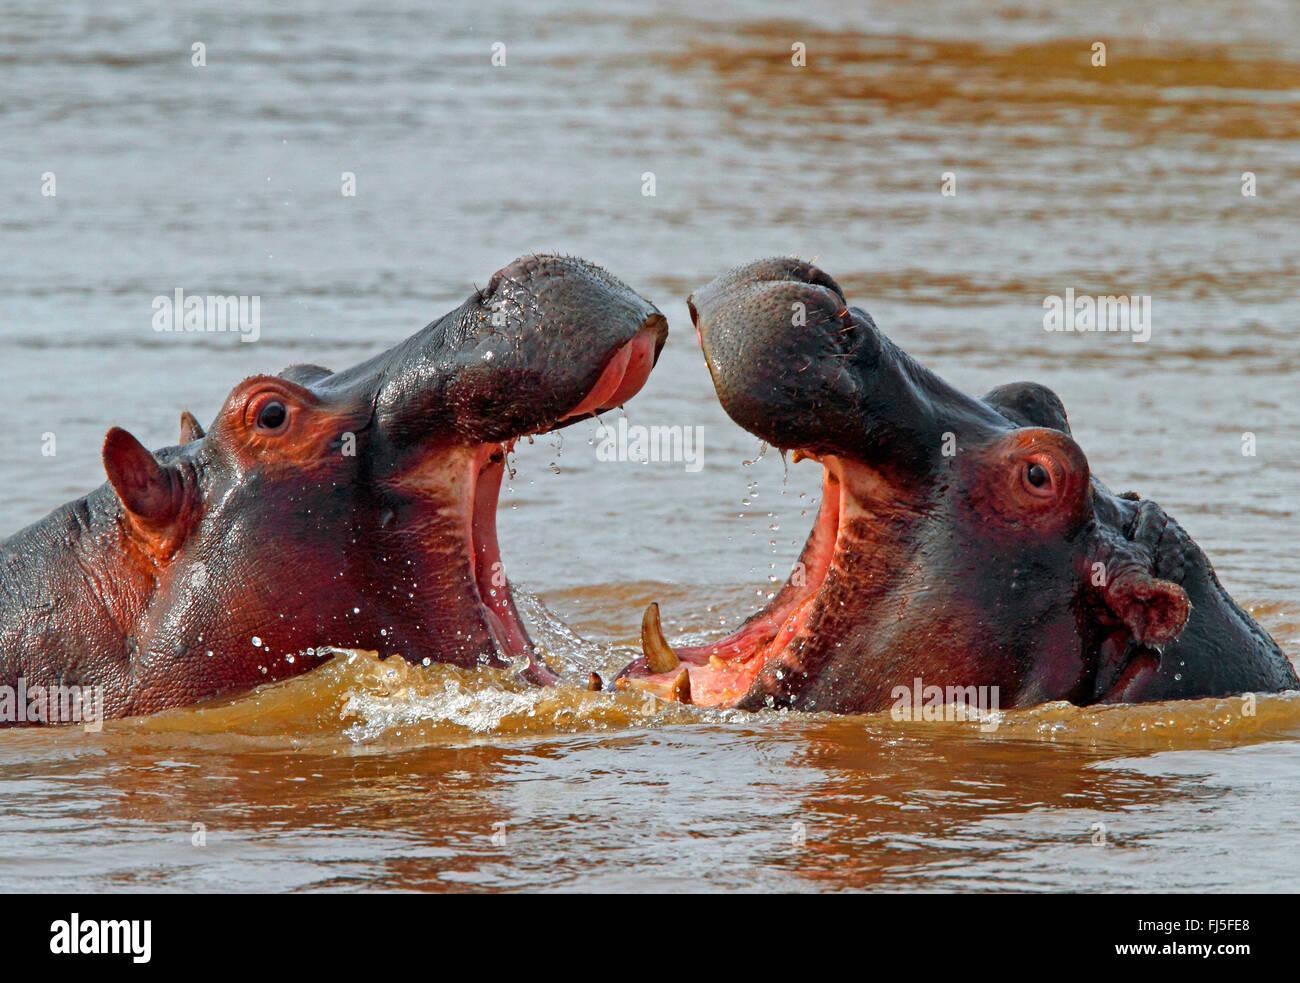 hippopotamus, hippo, Common hippopotamus (Hippopotamus amphibius), fighting hippos in water, Kenya, Masai Mara National - Stock Image